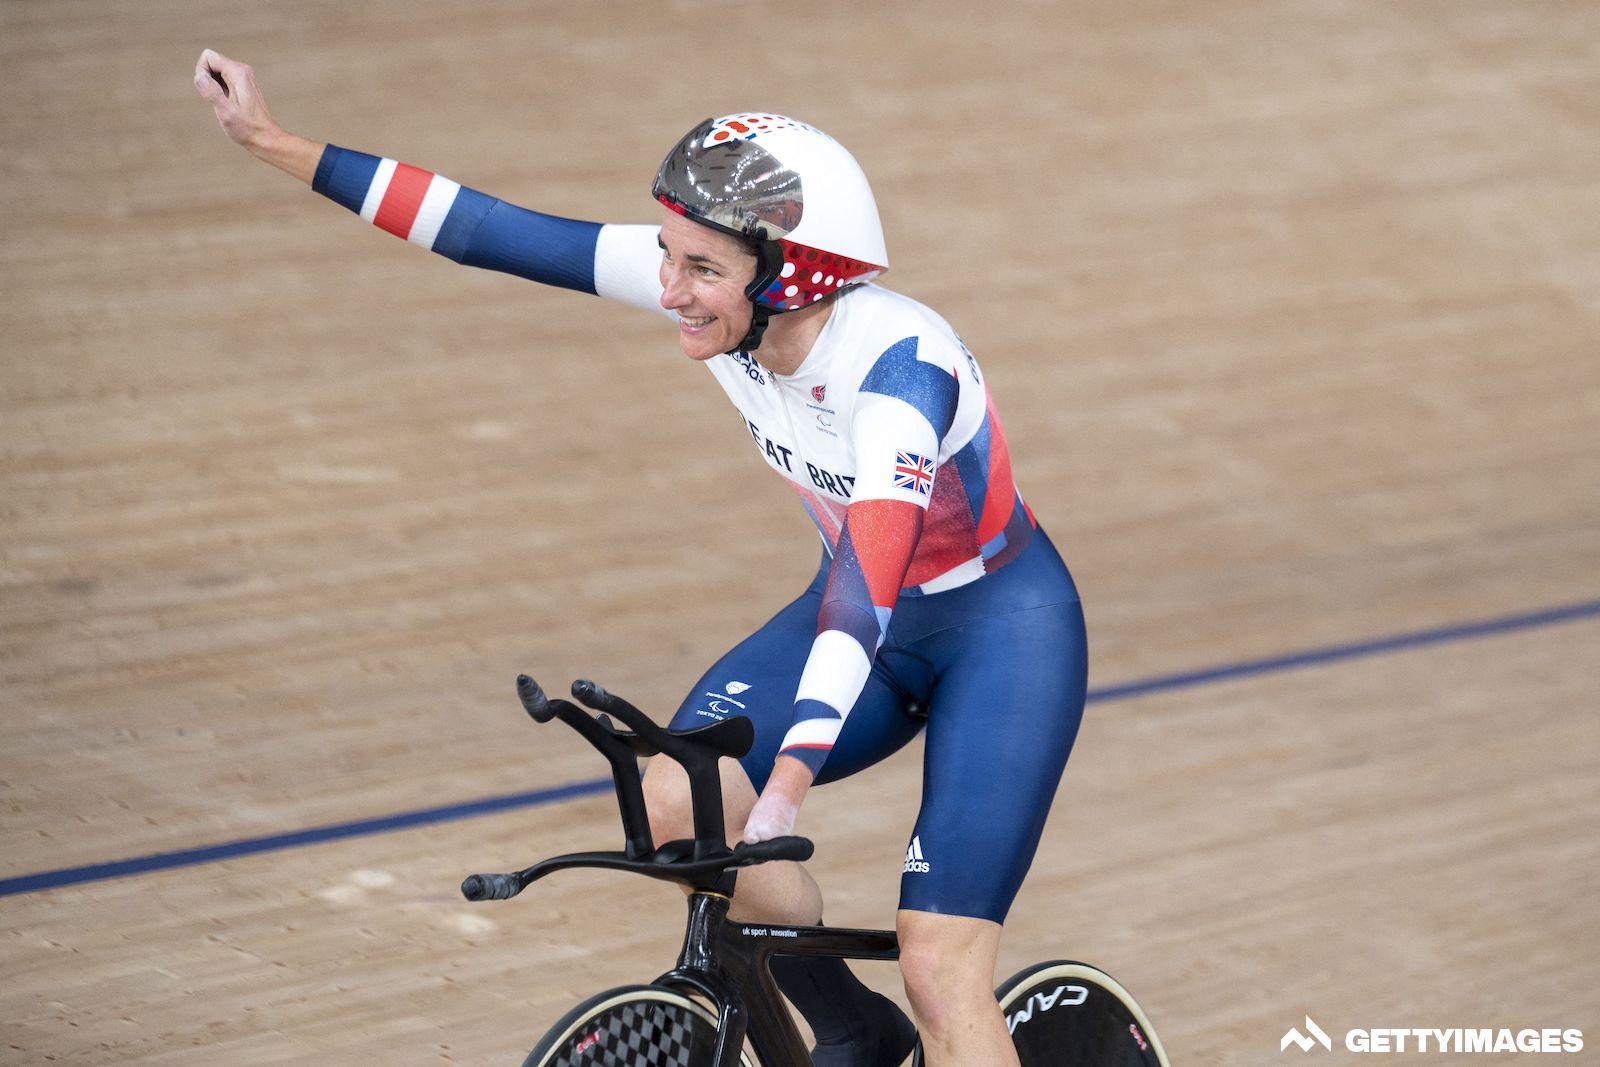 Sarah Storey chiude la storia delle Paralimpiadi con l'ennesima medaglia d'oro